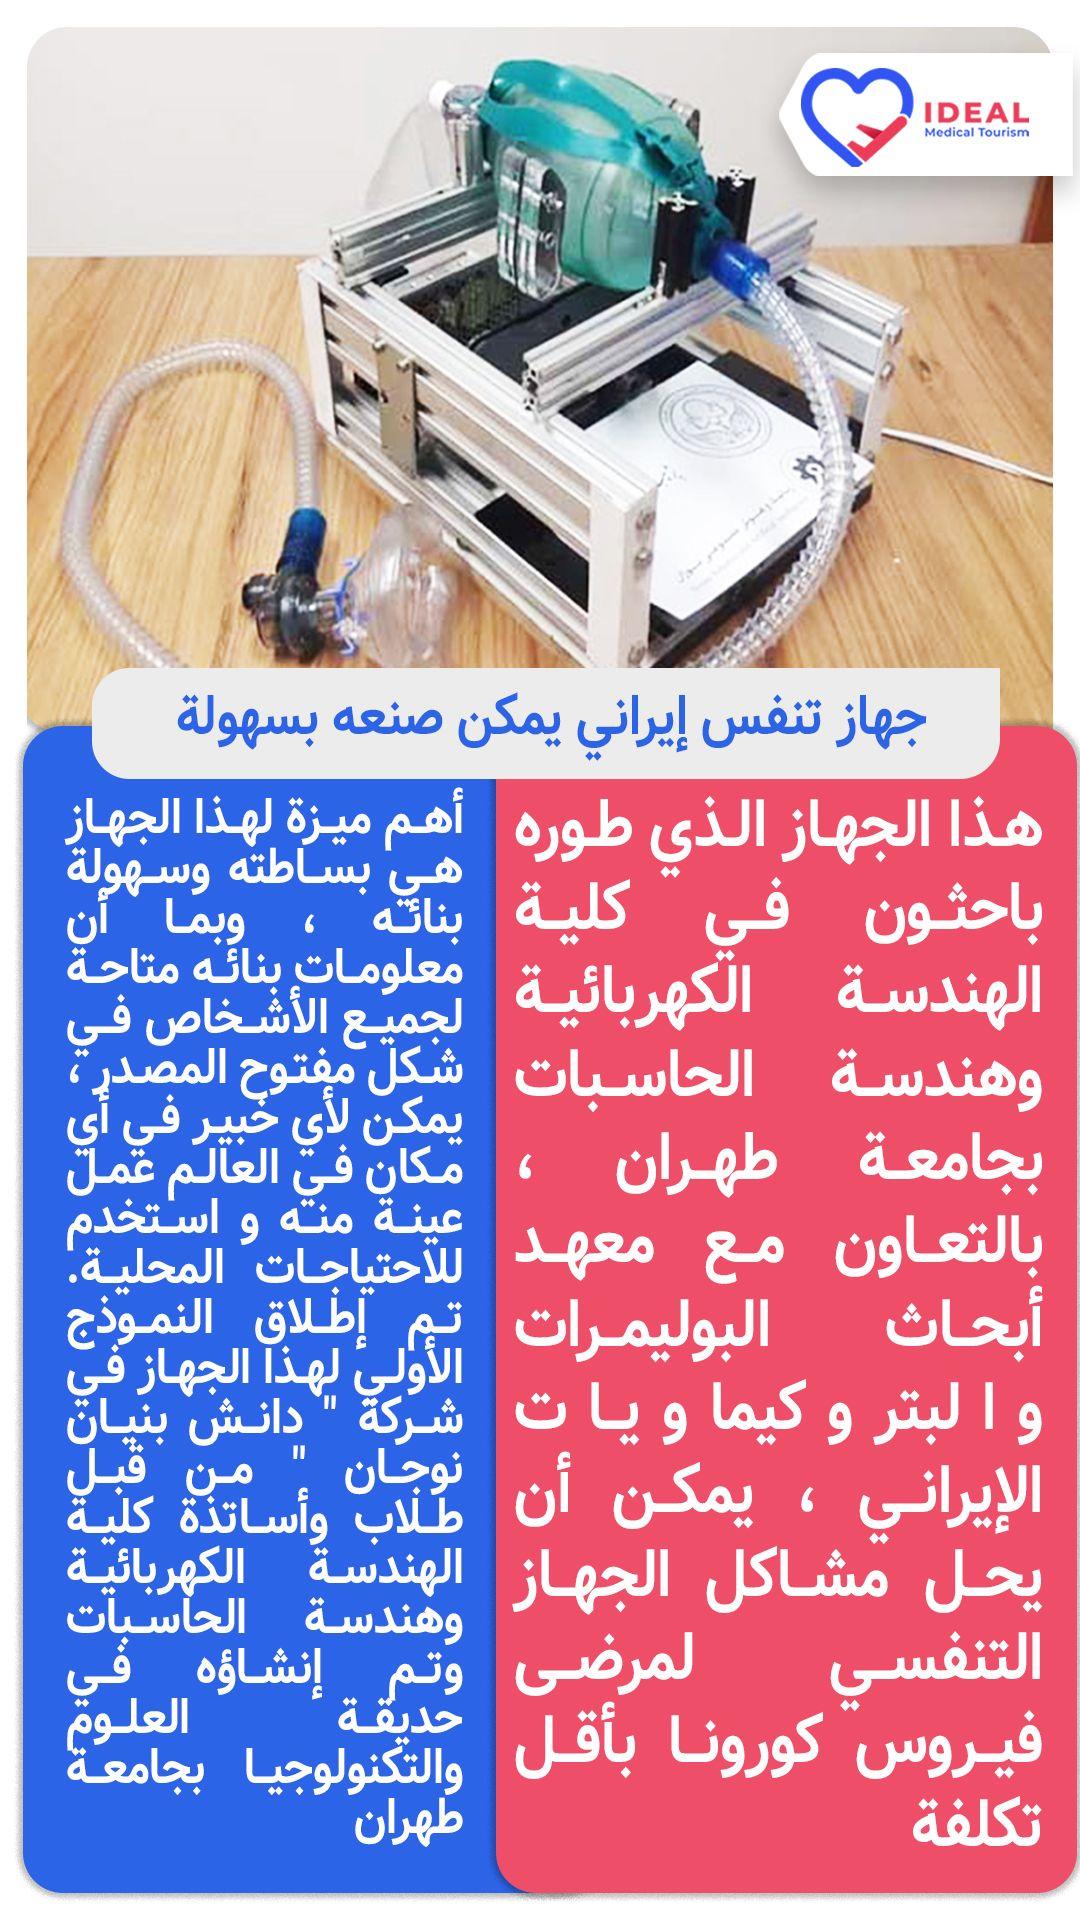 جهاز التنفس الإيراني هذا الجهاز الذي تم تطويره في جامعة طهران يمكنه حل مشاكل الجهاز التنفسي لمرضى فيروس كورونا بأقل تكلفة أهم Tourism Event Event Ticket